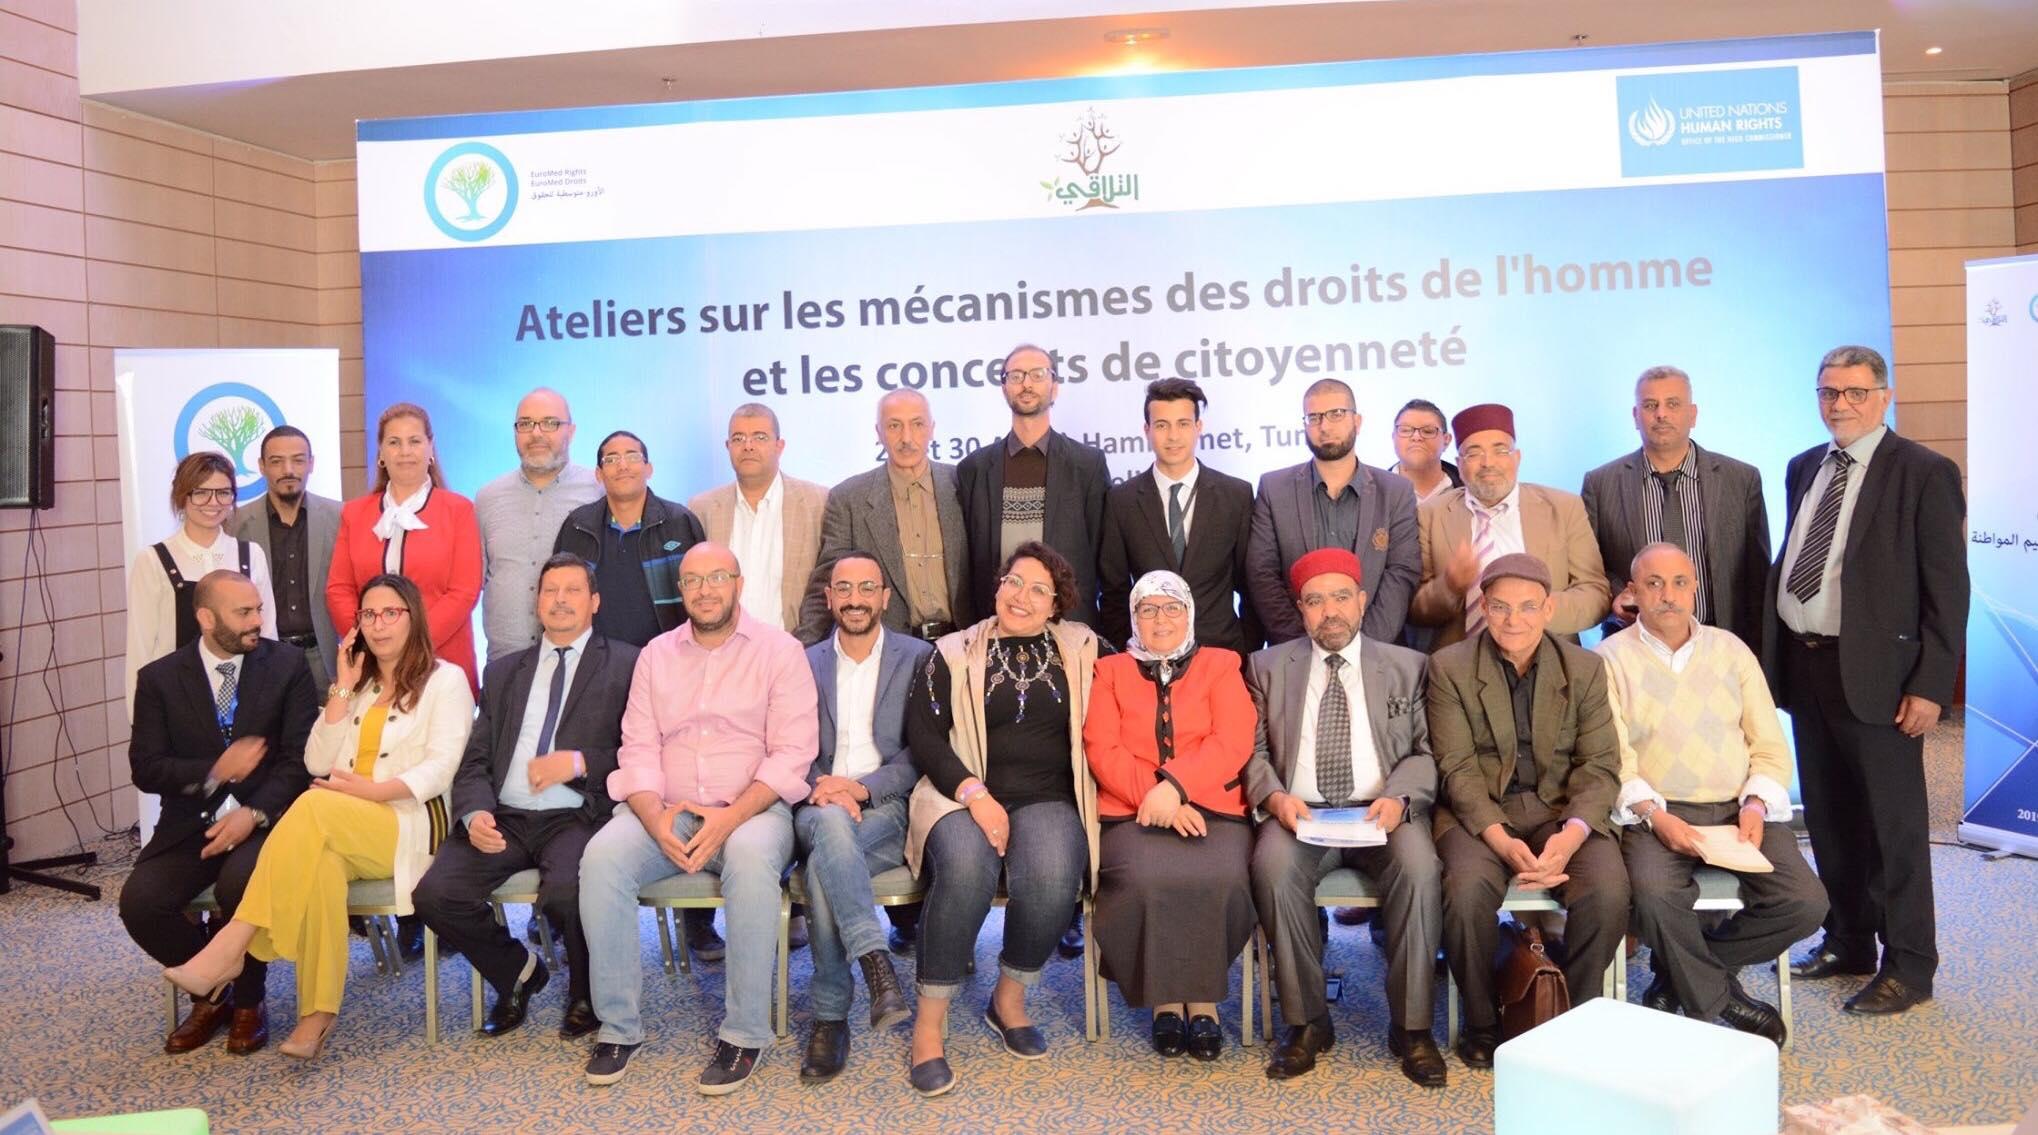 دعوات إلى فتح مكتب خاص بالأقليات الدينية في وزارة الشؤون الدينية